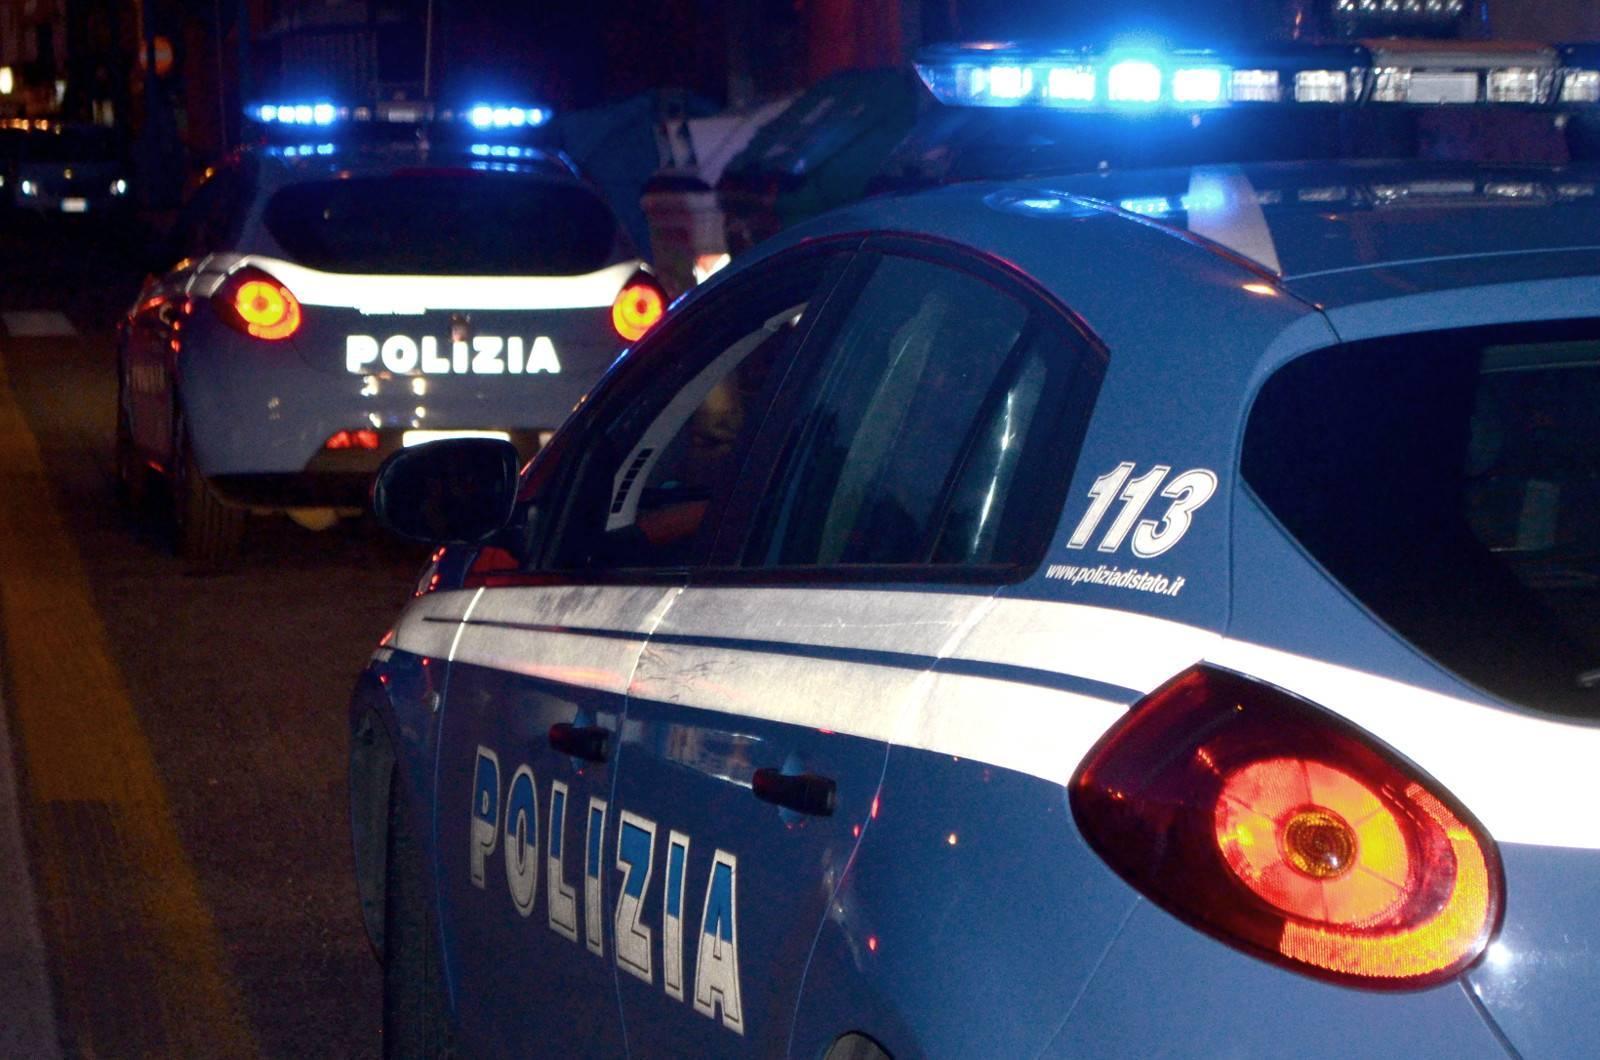 Terrore All'alba In Puglia Banditi Irrompono Armati In